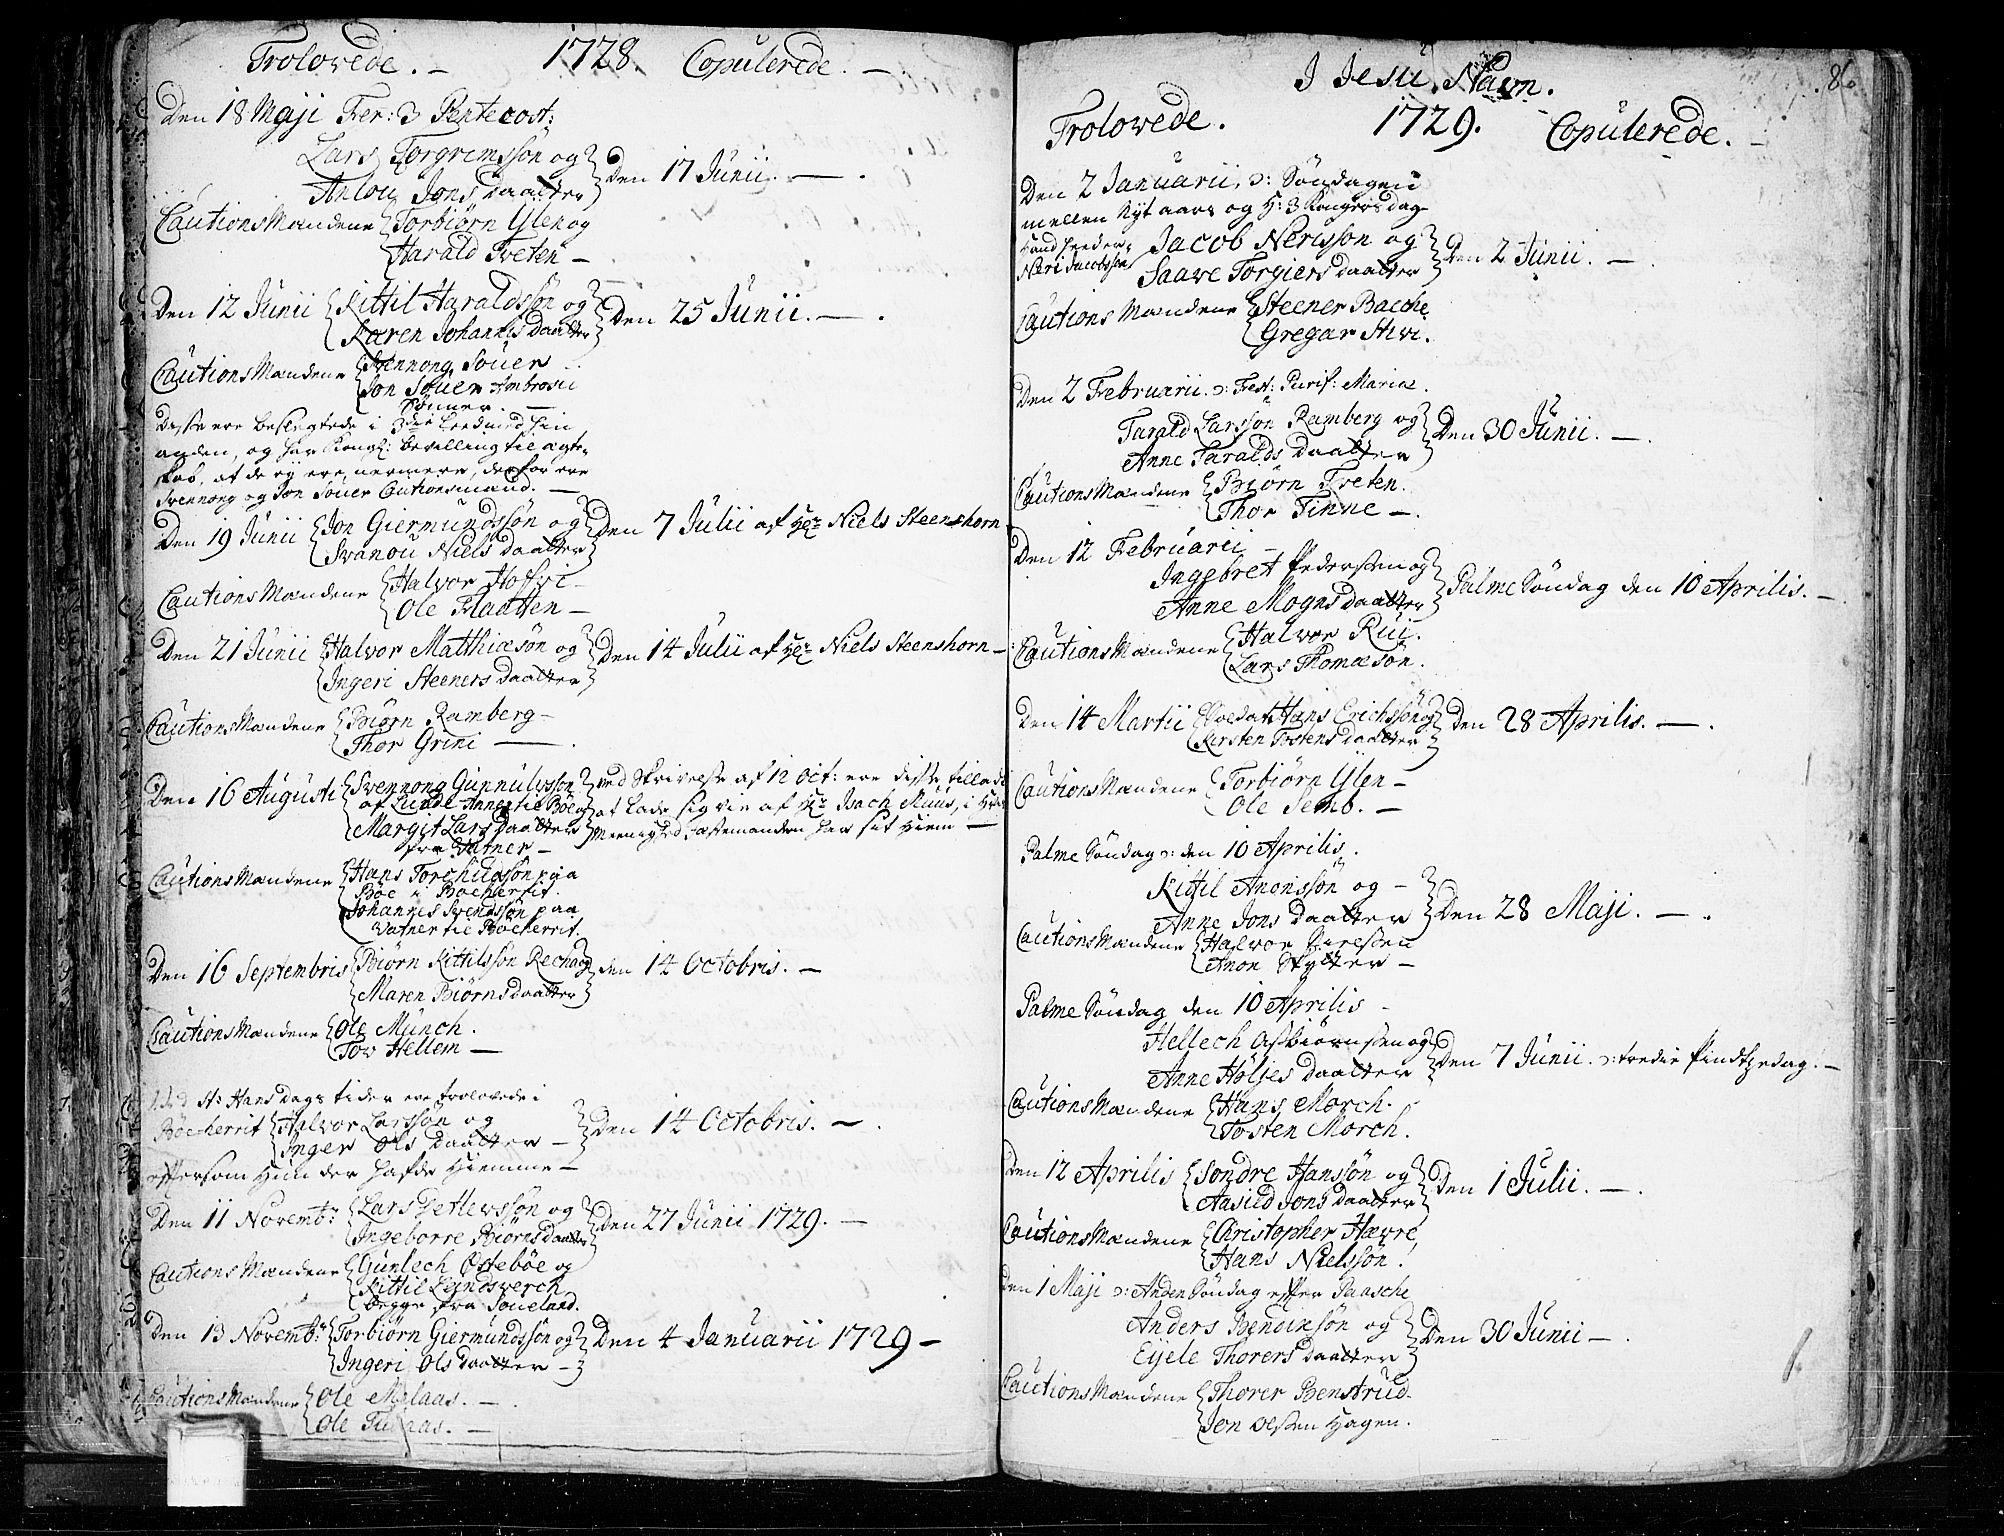 SAKO, Heddal kirkebøker, F/Fa/L0003: Ministerialbok nr. I 3, 1723-1783, s. 86